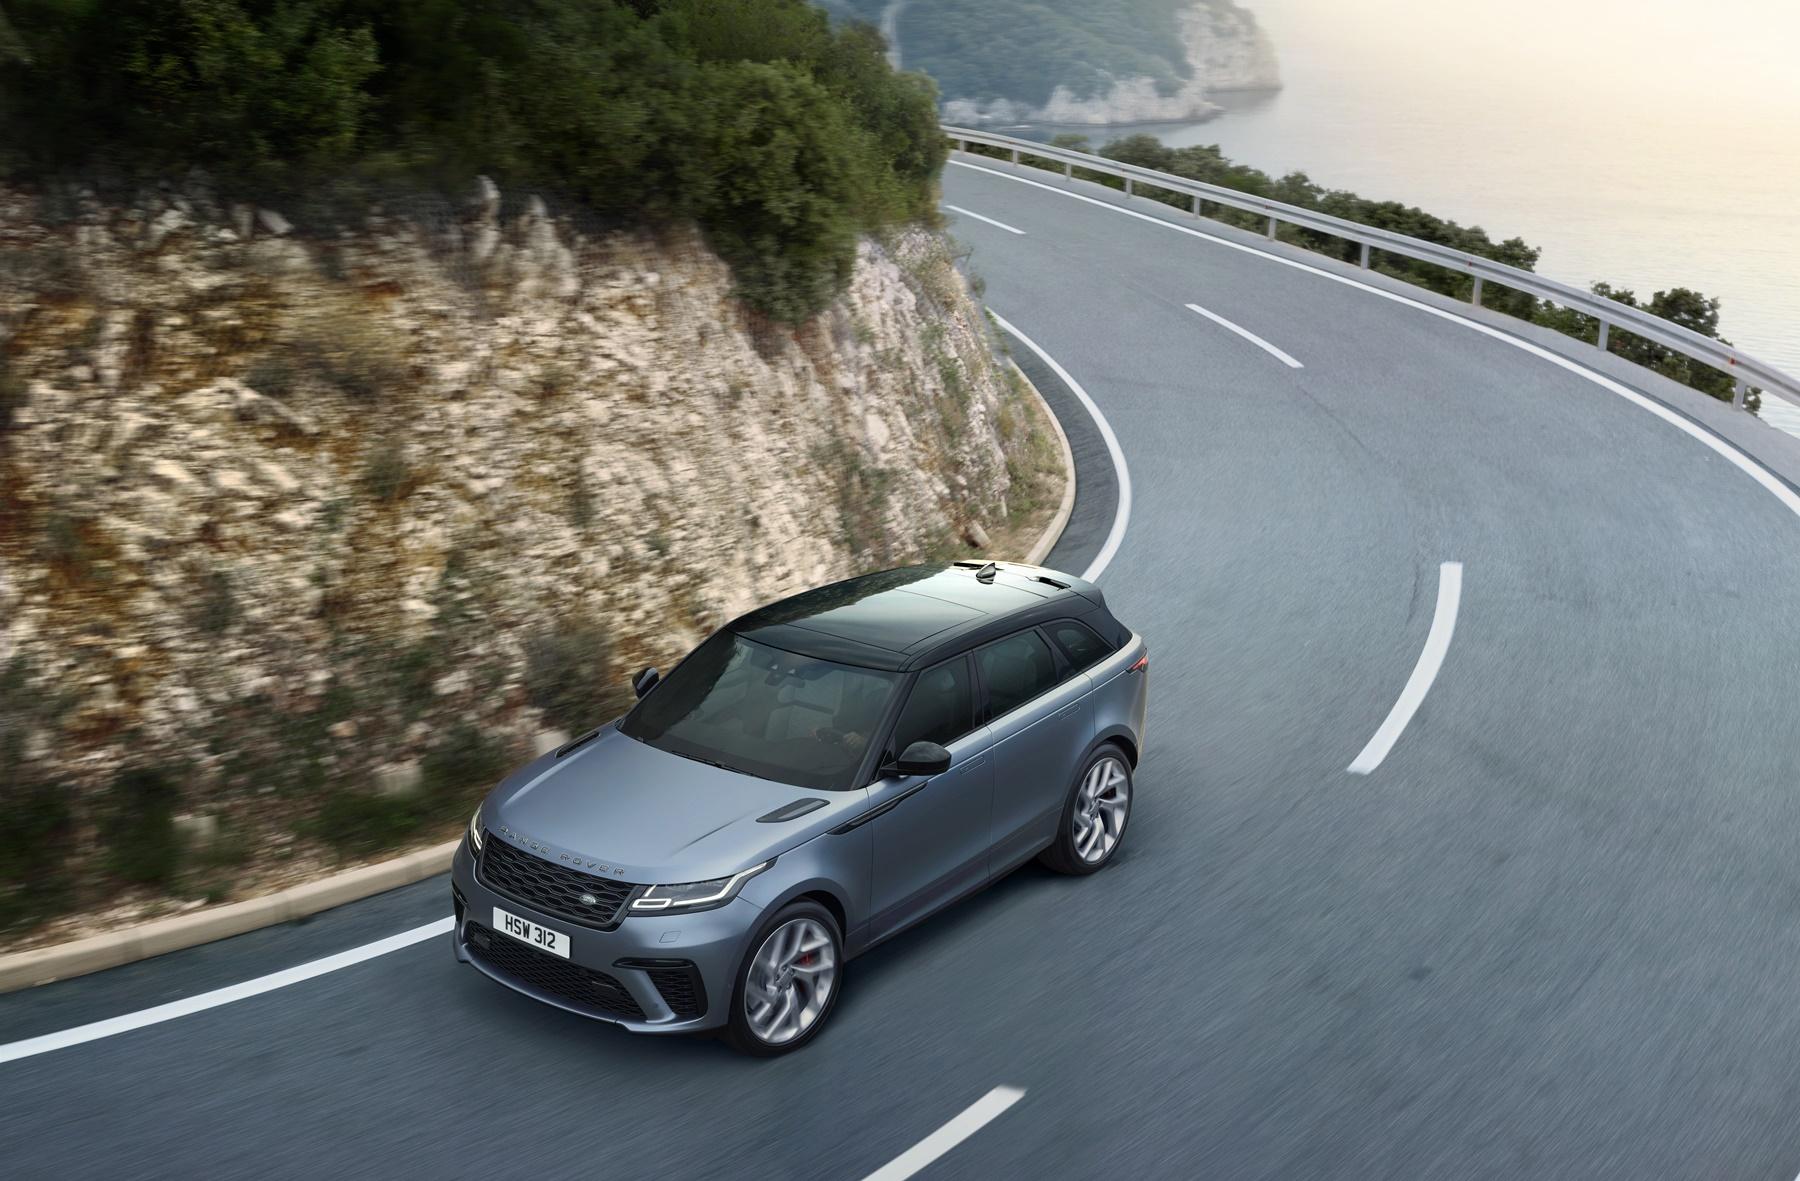 Range Rover Velar SV Autobiographyrafao de cima fazendo curva em uma estrada sinuosa com um morro de pedras